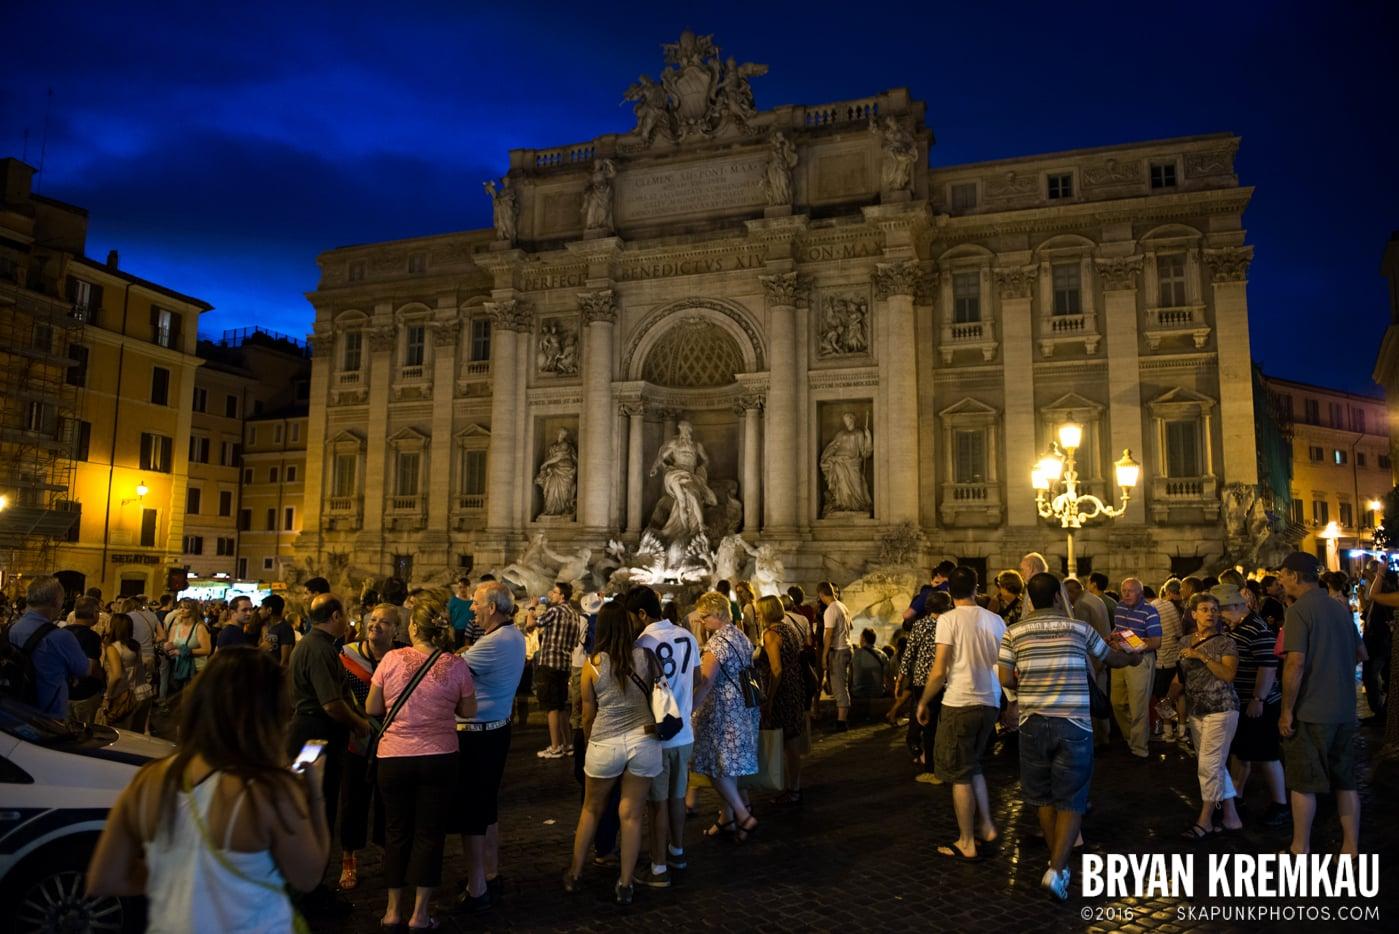 Italy Vacation - Day 1: Rome - 9.9.13 (25)